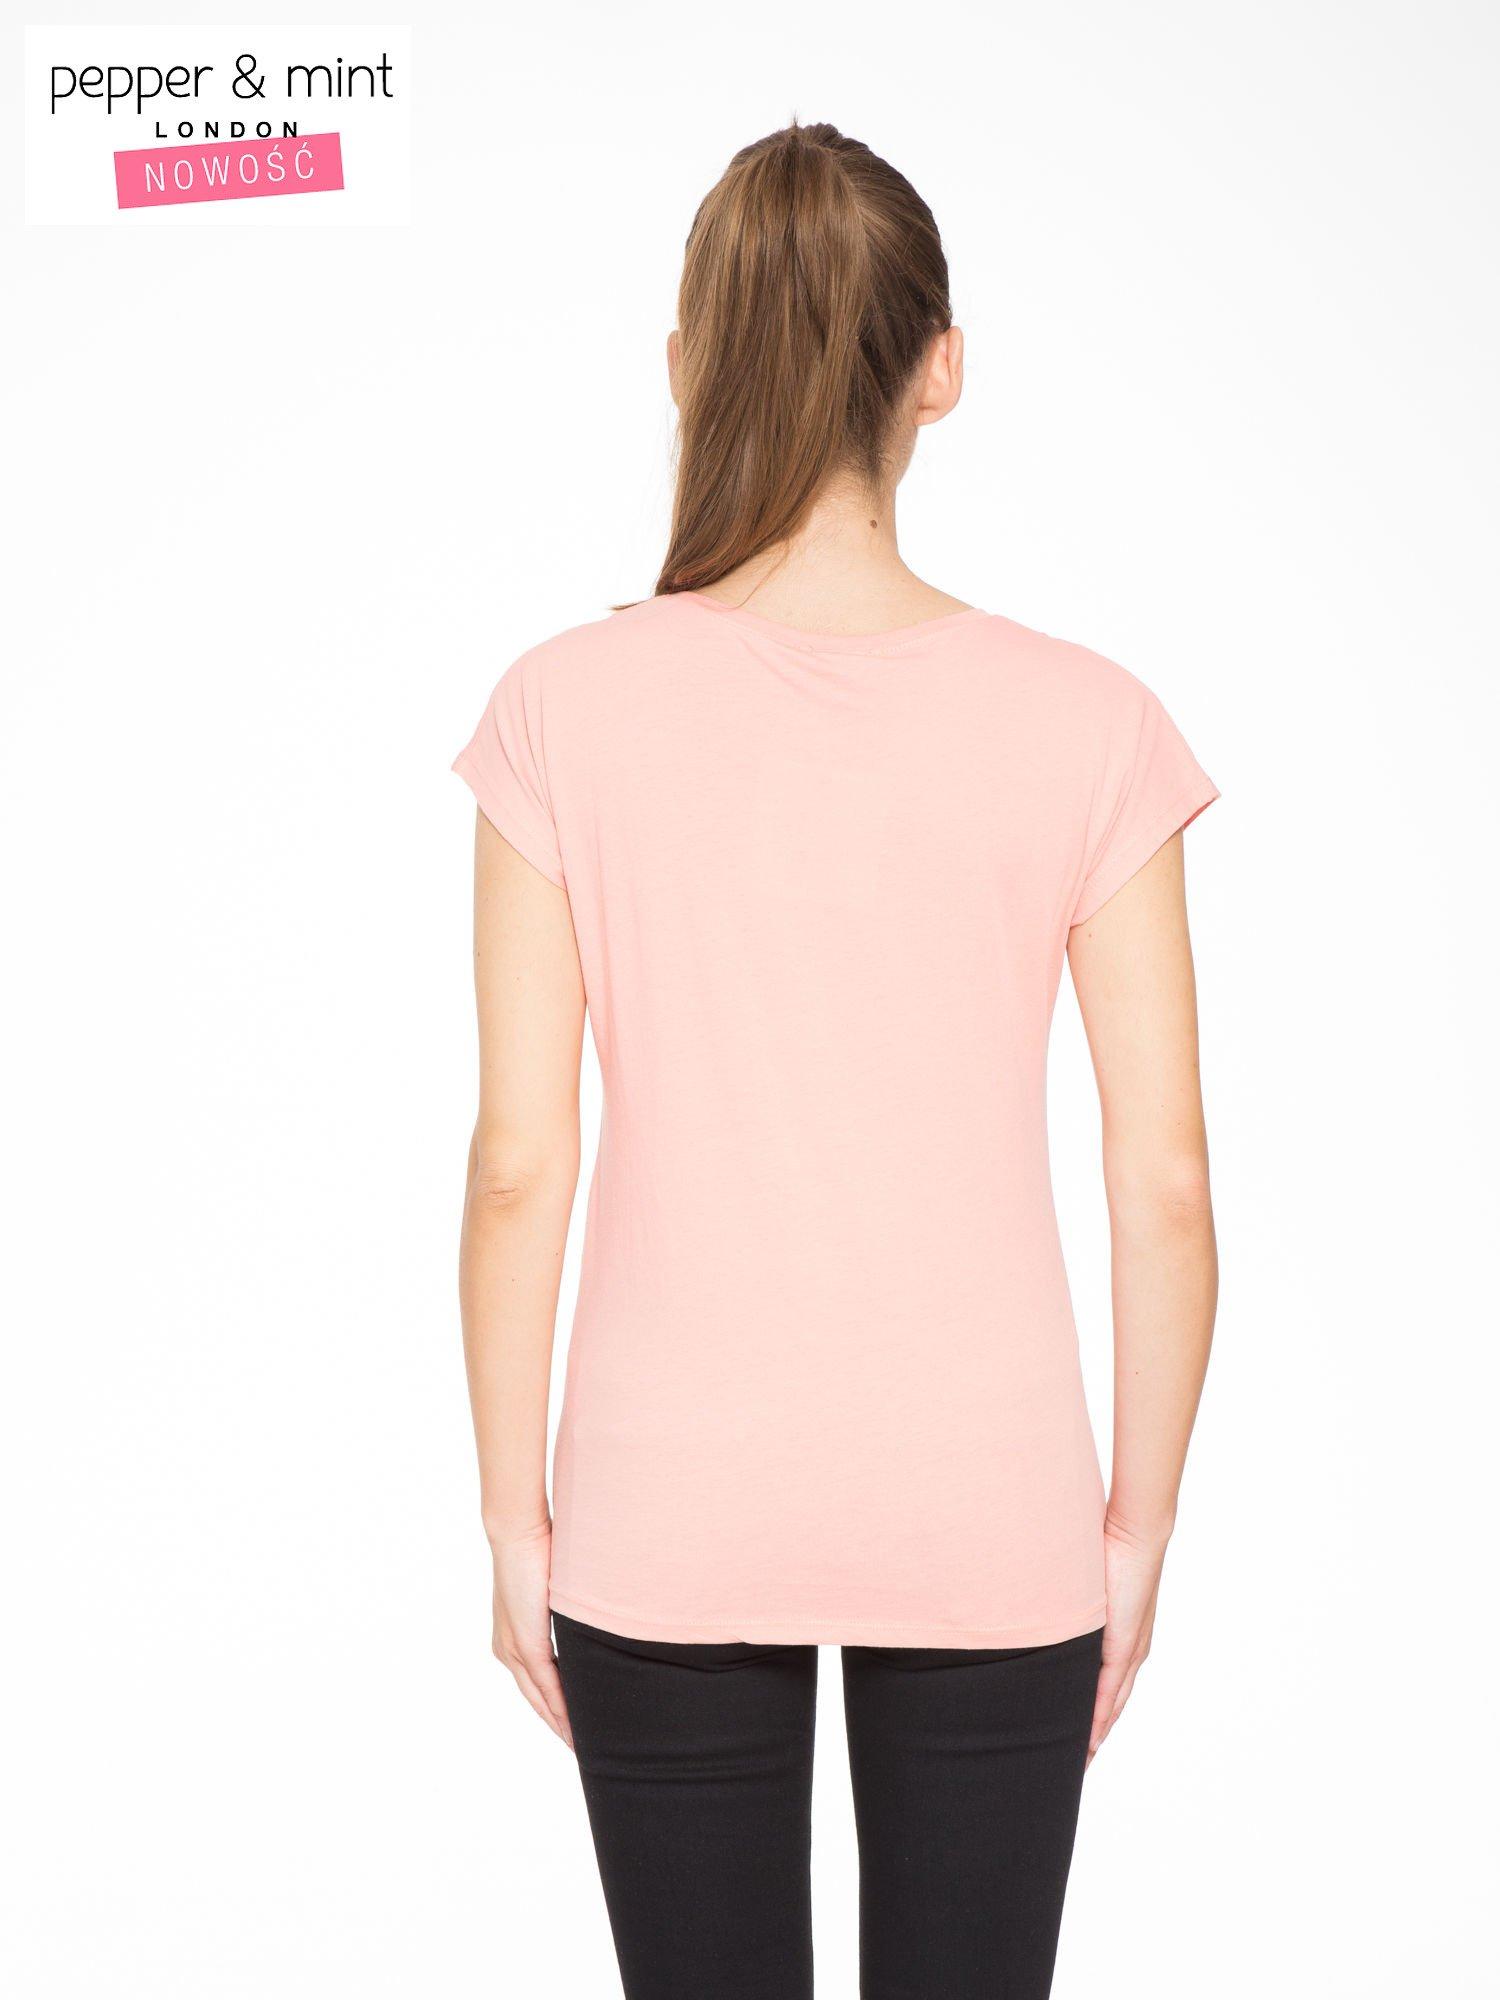 Rózowy t-shirt z napisem THE BEST IS YET TO COME                                  zdj.                                  3